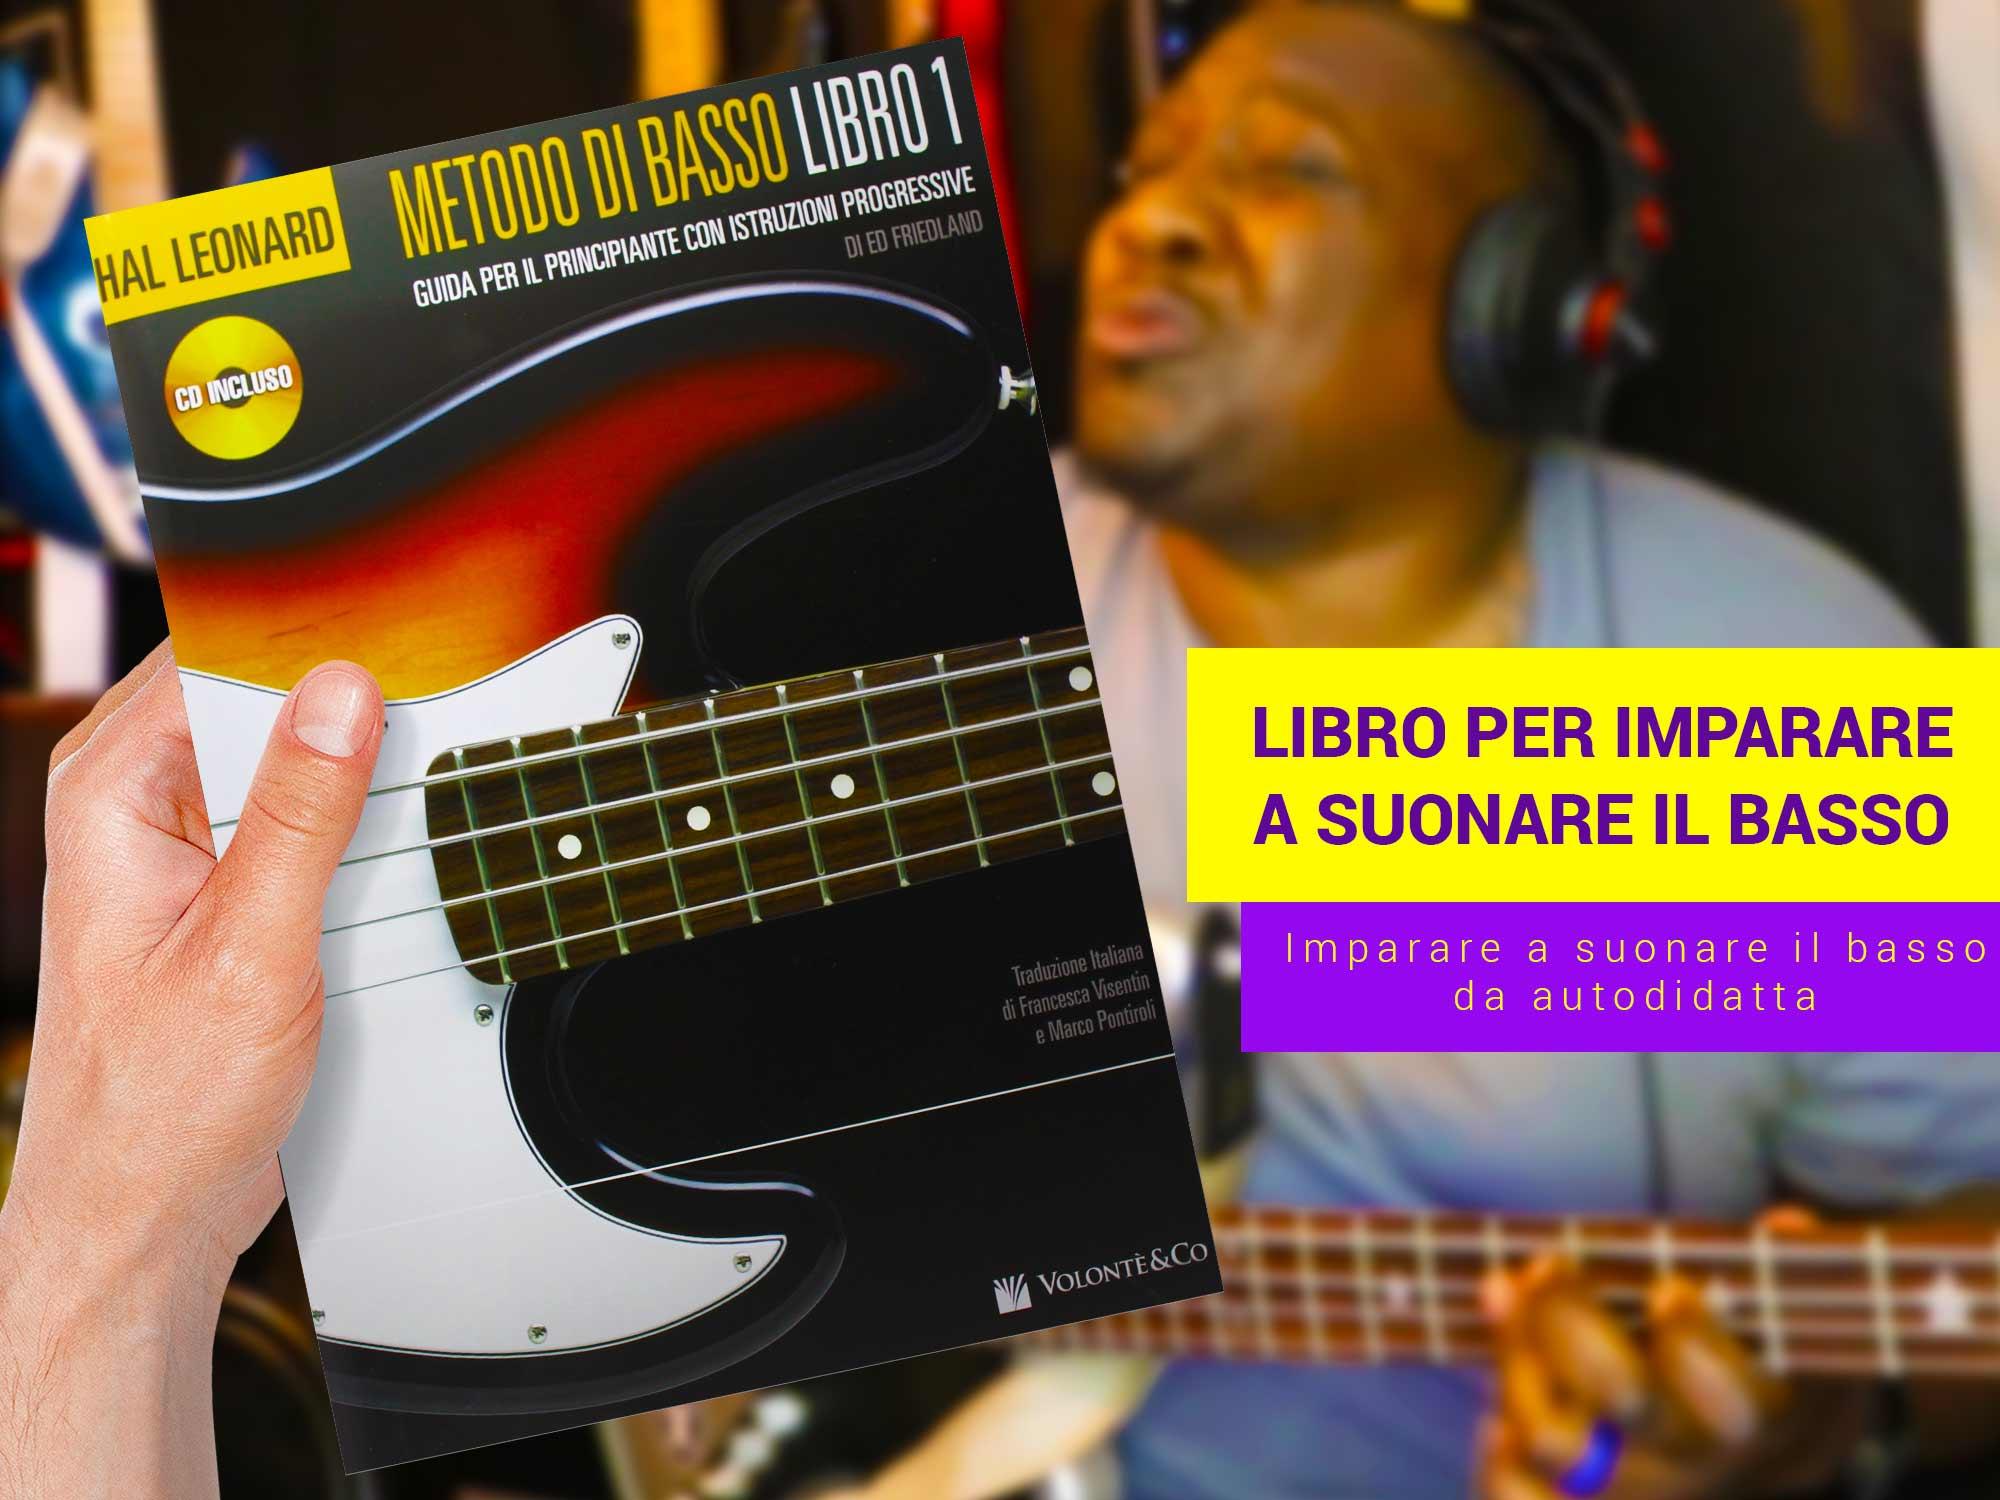 libro-imparare-a-suonare-il-basso-autodidatta